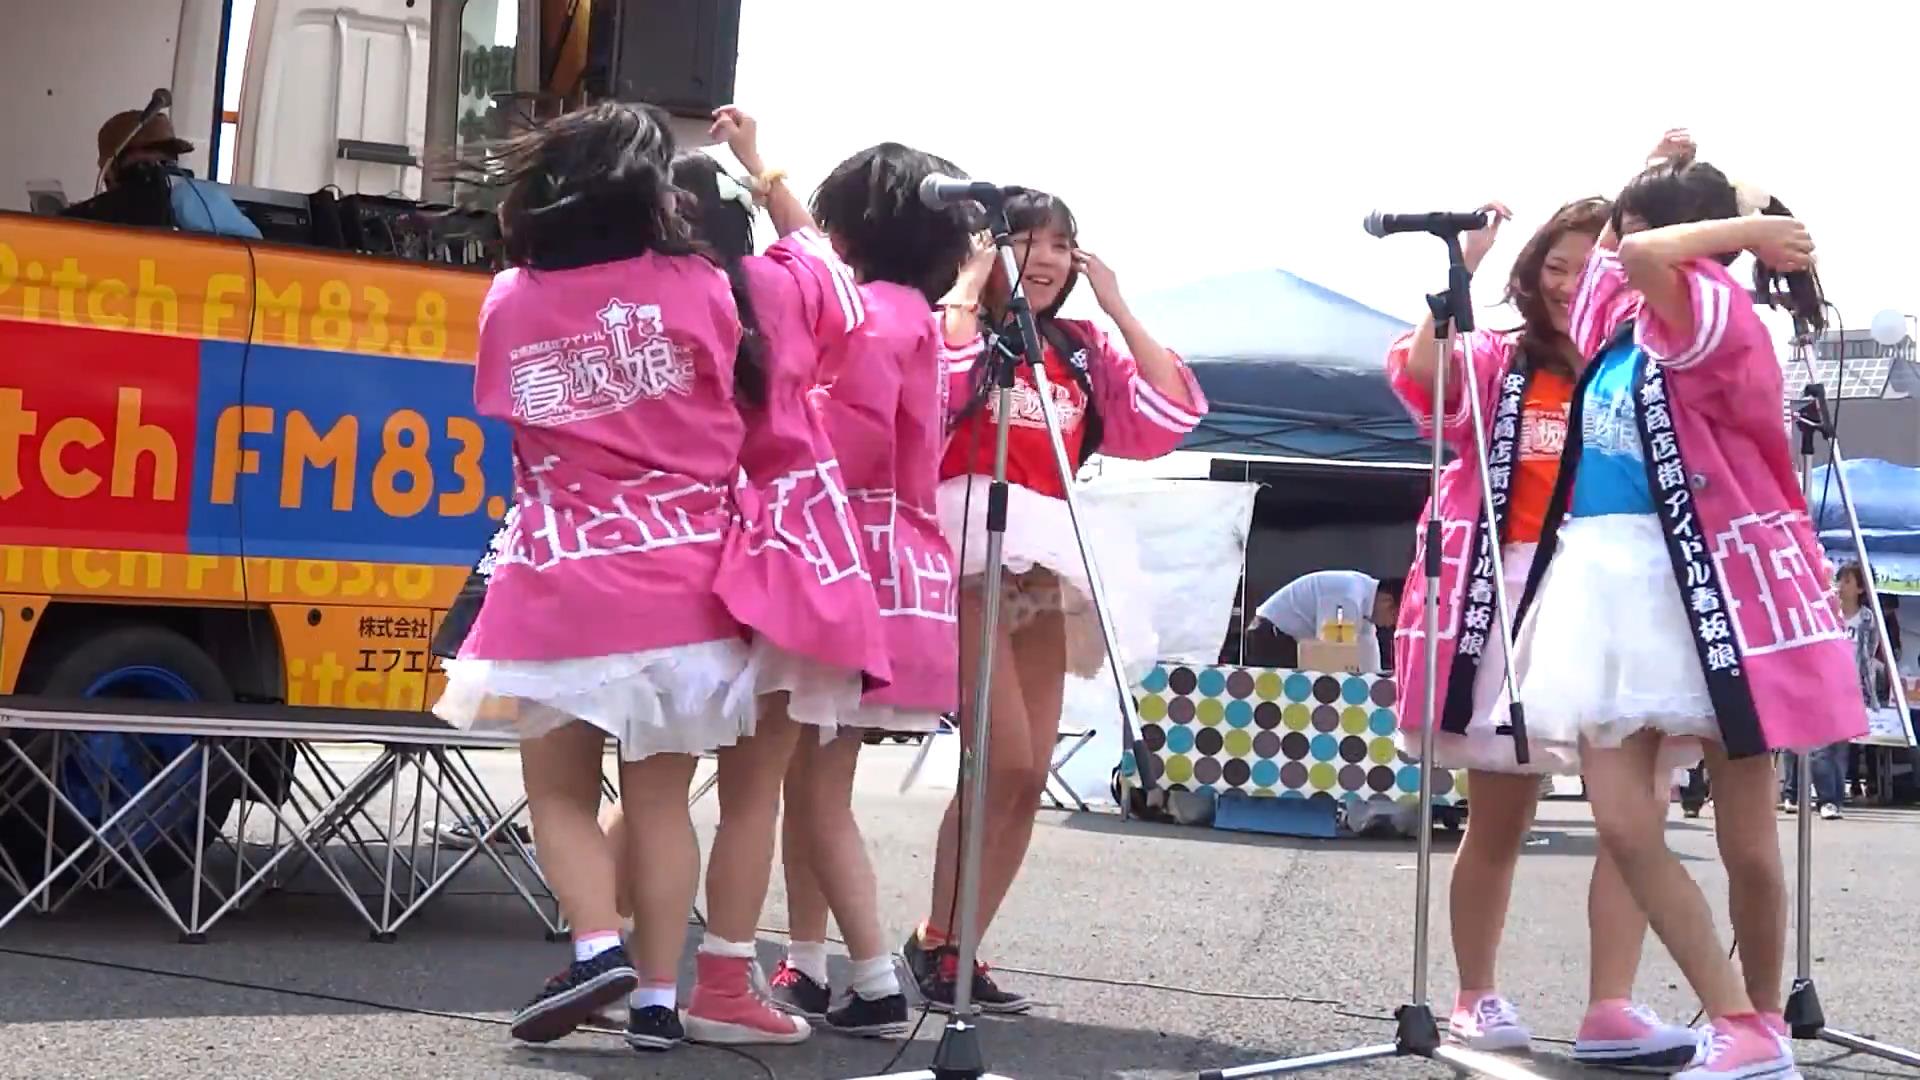 看板娘。 安城まちなかきーぼー市場ステージ 2013.04.27 04:41